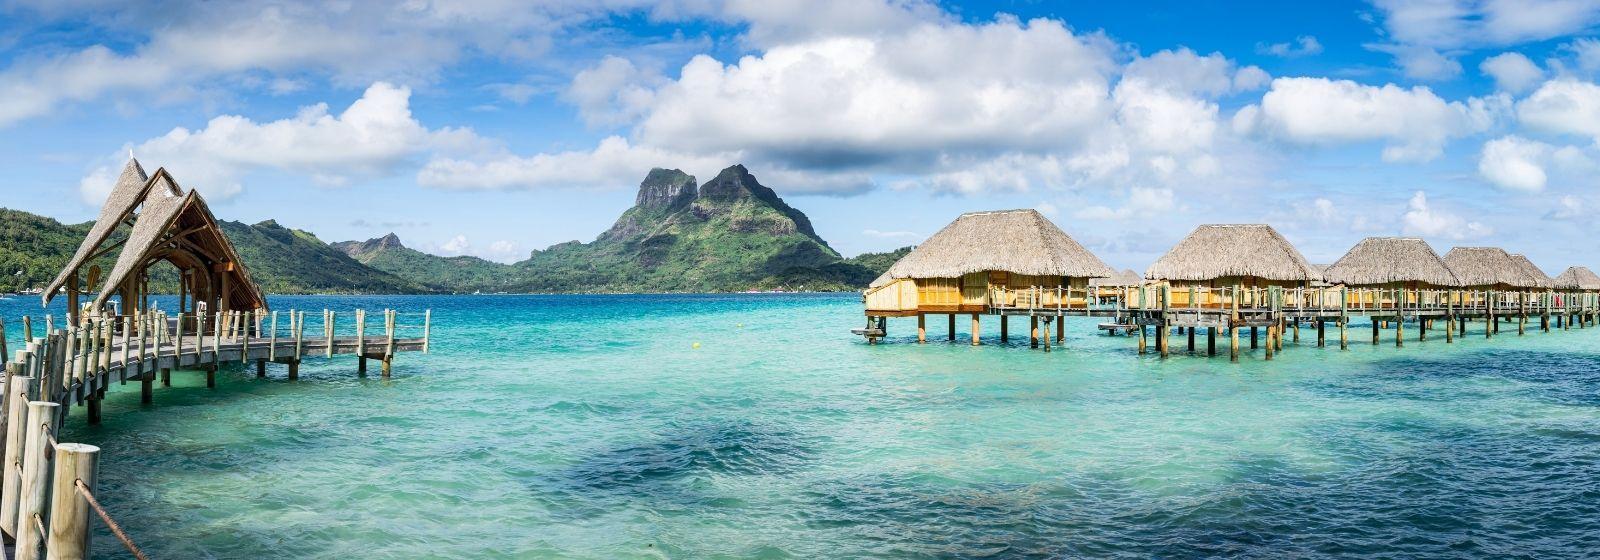 Choses à faire à Bora Bora